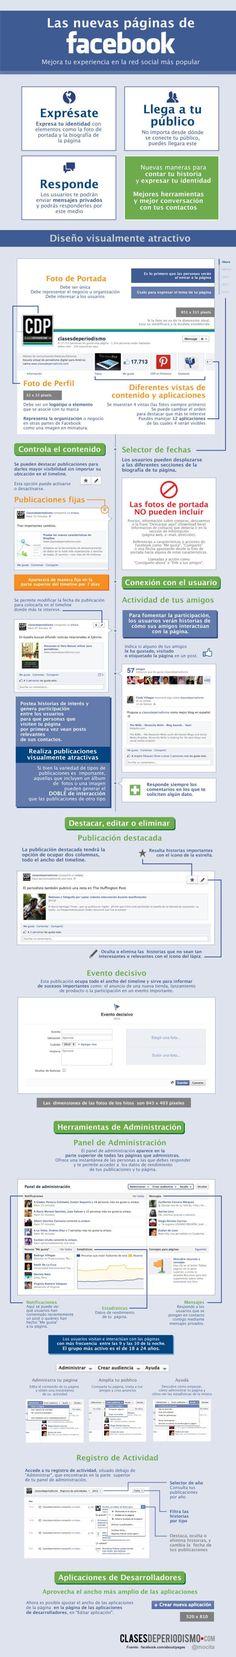 Todos sobre los cambios en las páginas de Facebook / un gráfico de @Moci Rodriguez Medina